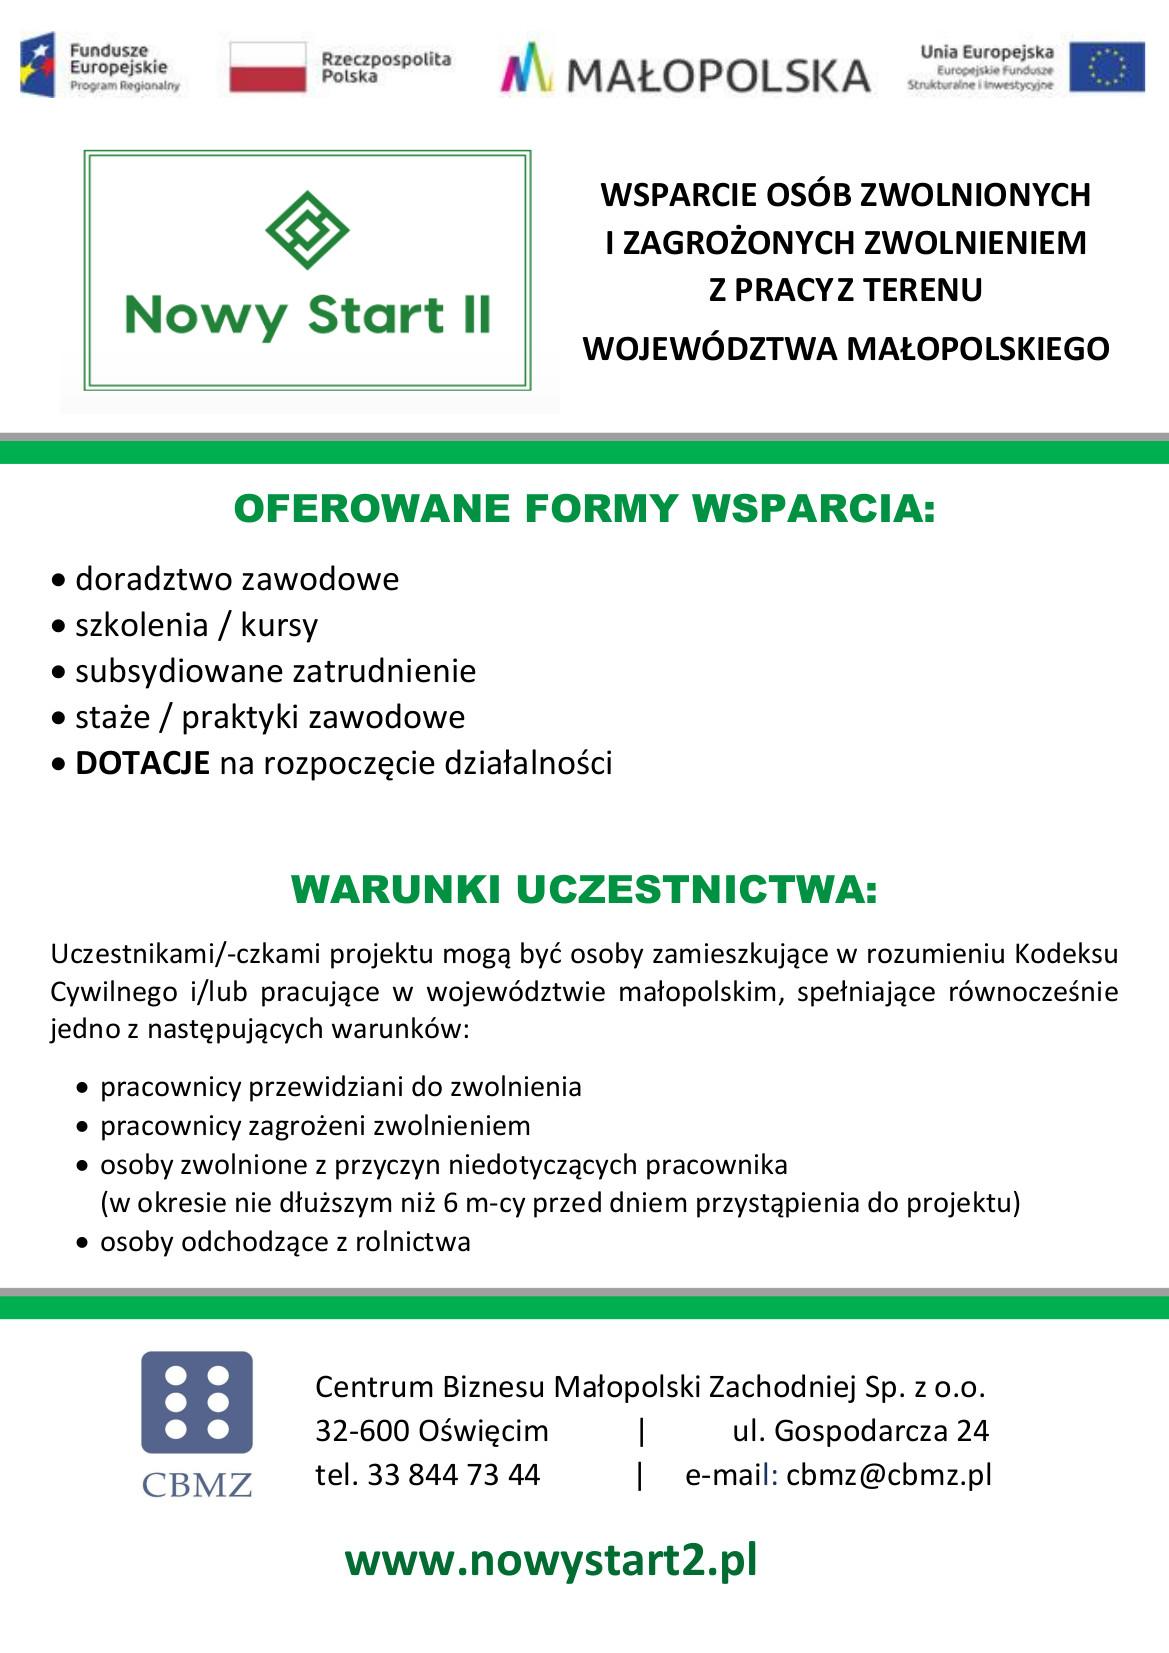 Plakat z informacjami zawartymi w treści artykułu. Na plakacie logotypy: Fundusze Europejskie Program Regionalny, Rzeczpospolita Polska, Małopolska, Unia Europejska Europejskie Fundusze Strukturalne i Inwestycyjne, Centrum Biznesu Małopolski Zachodniej